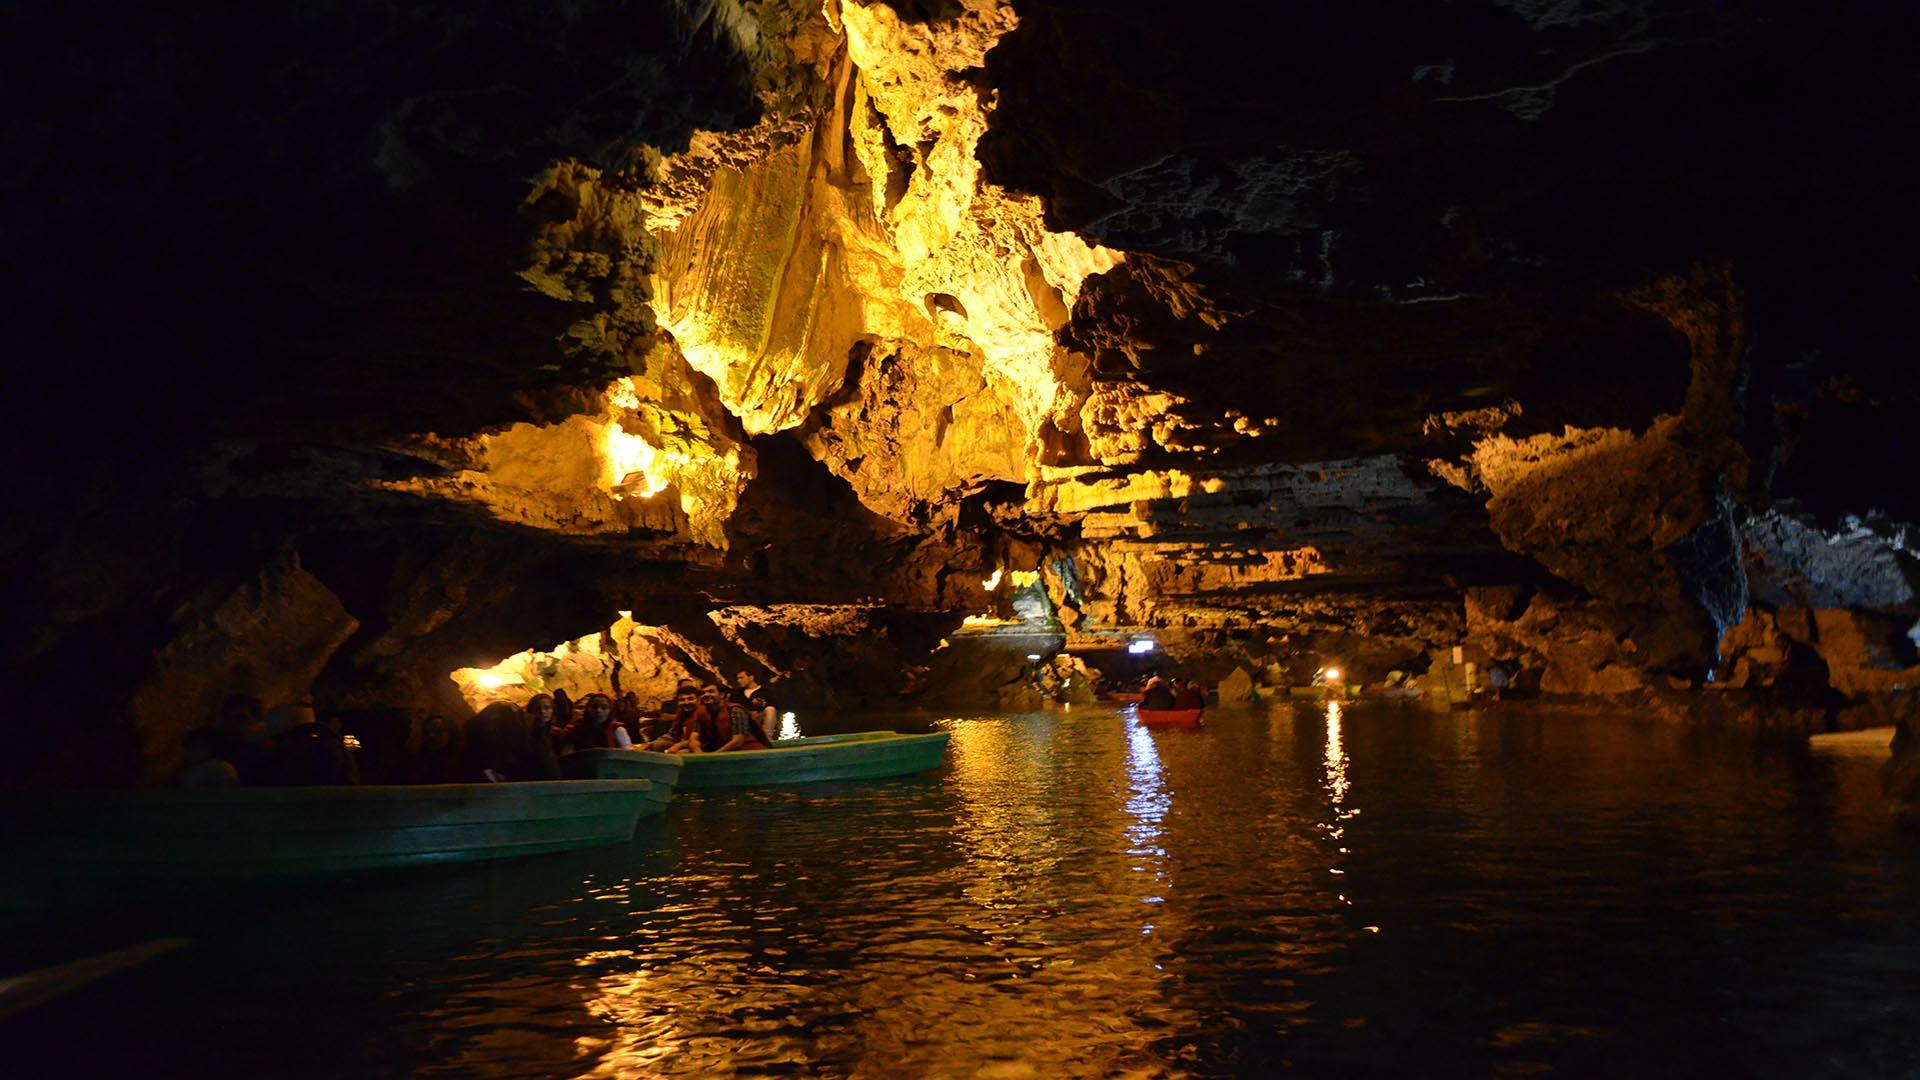 غار علیصدر طولانی ترین غار آبی جهان است که گردشگران زیادی را به خود جذب کرده است